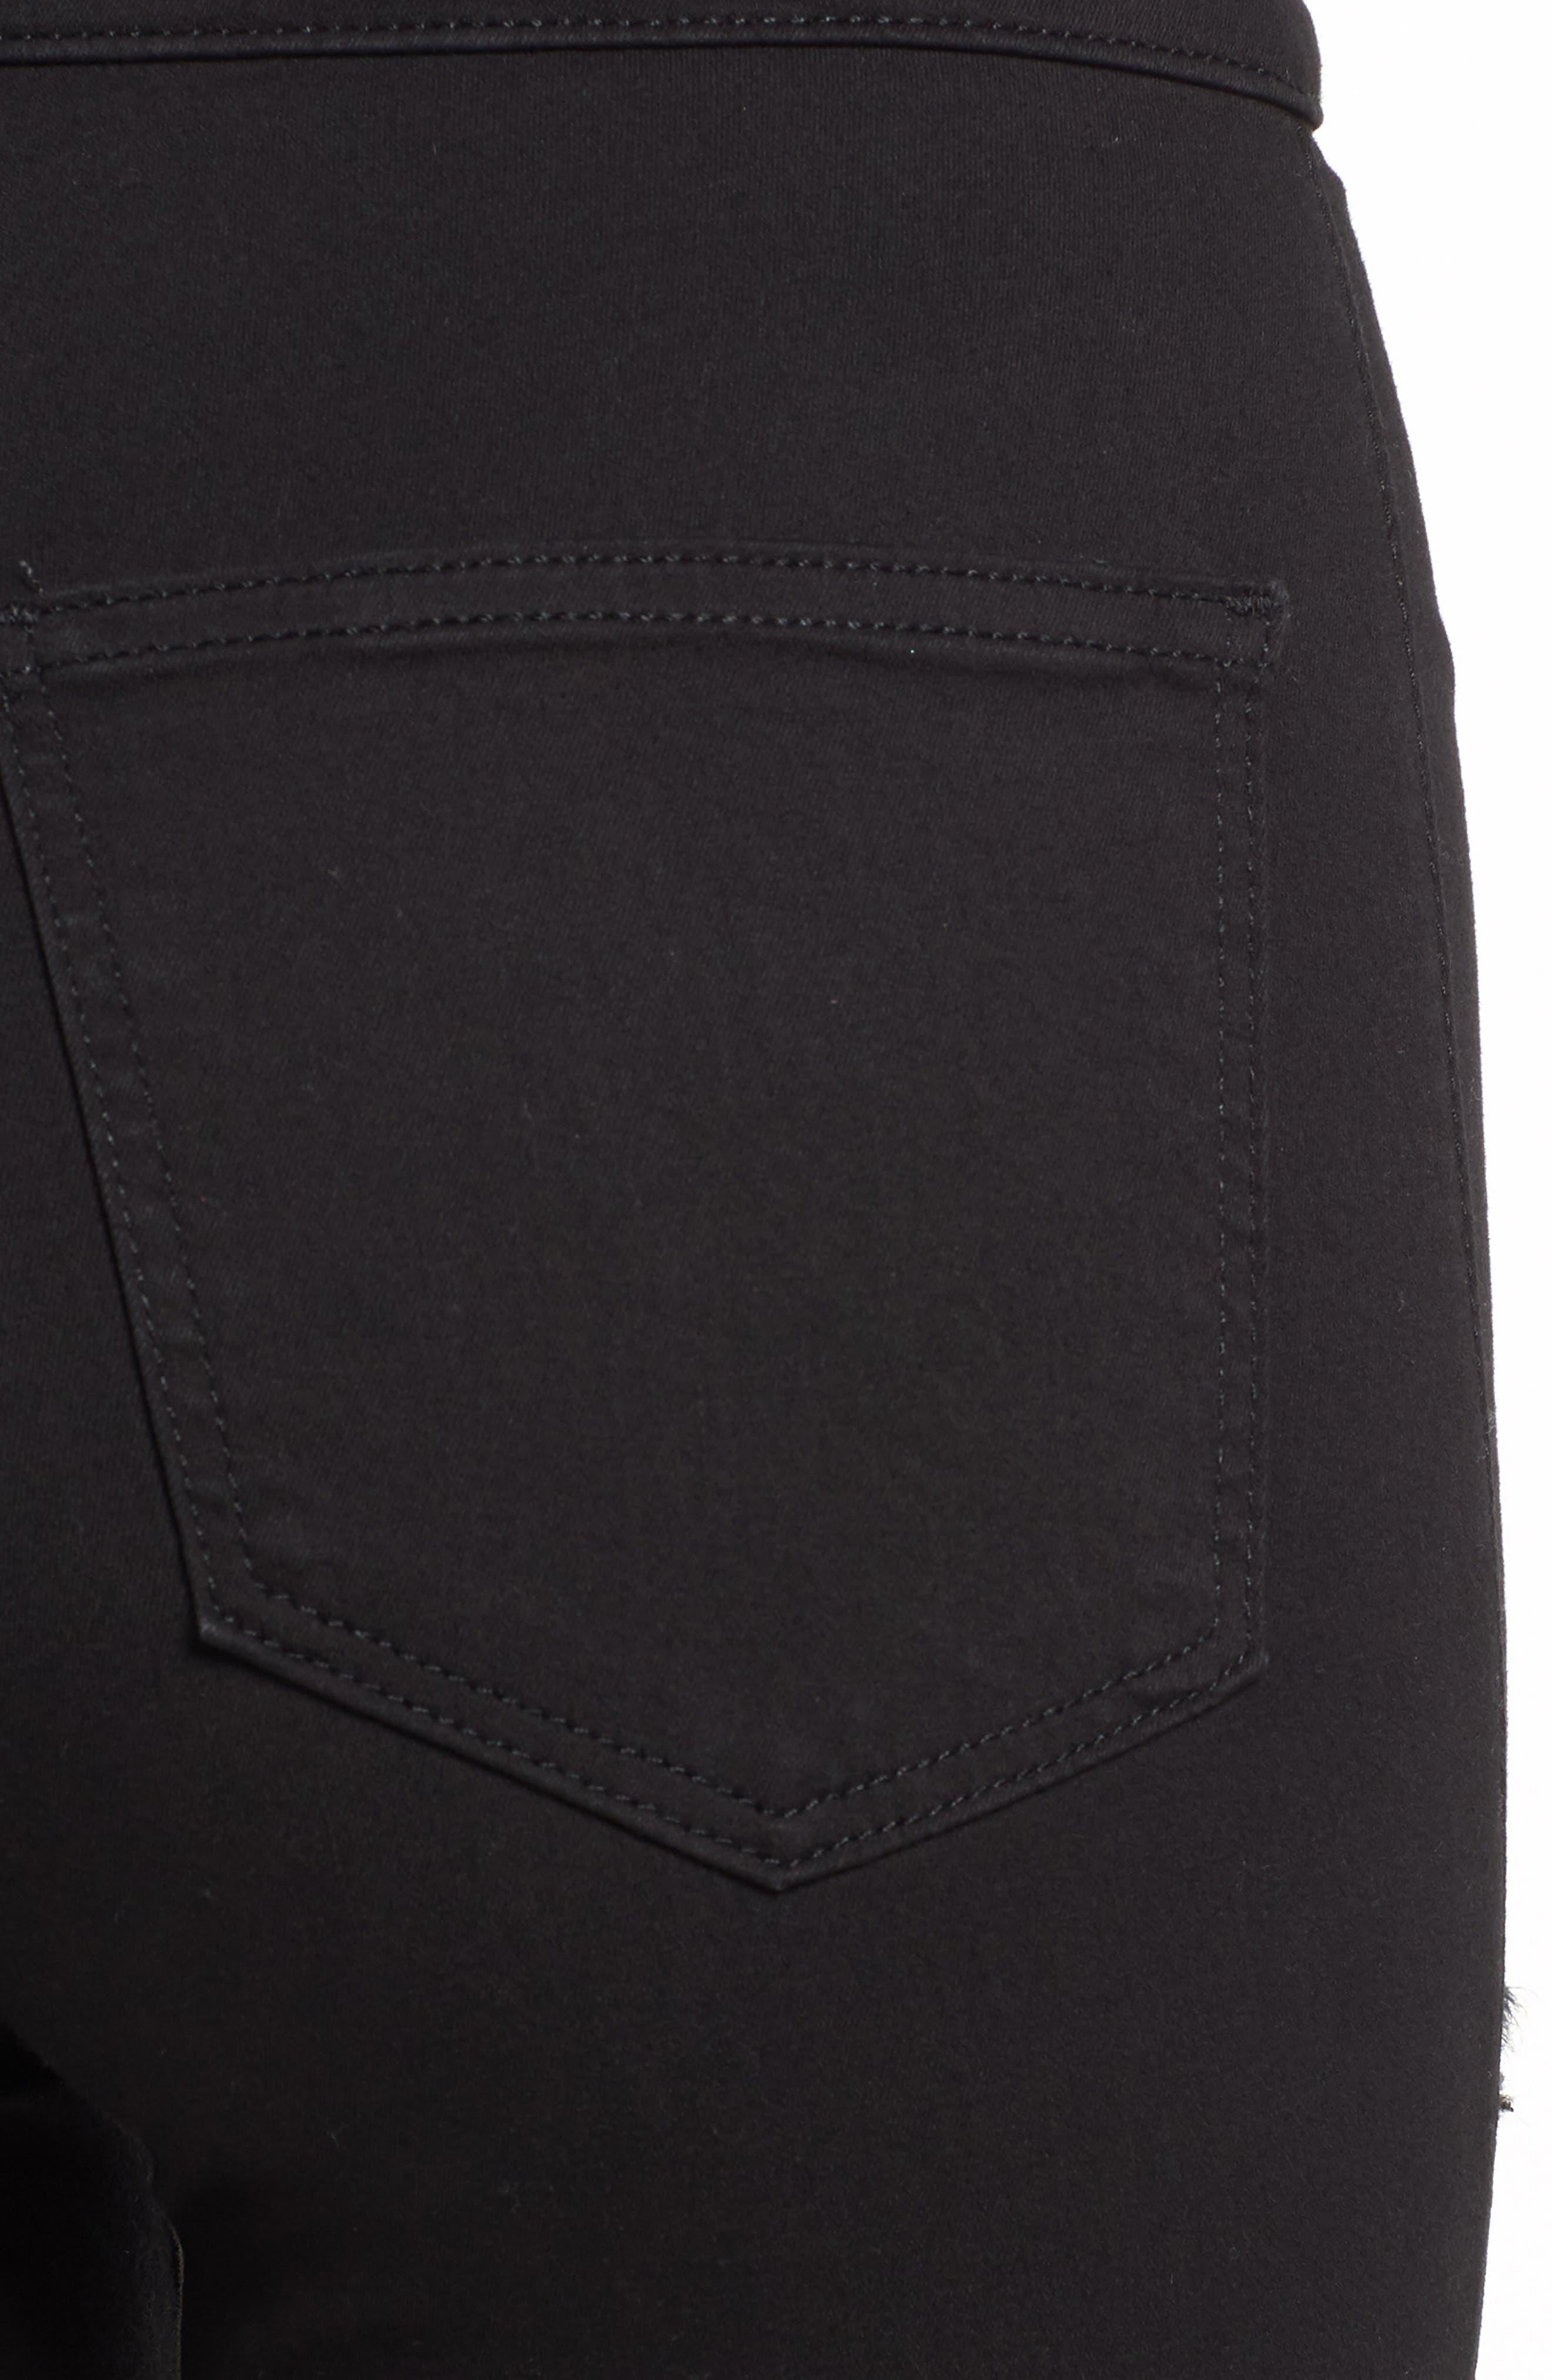 TOPSHOP, MOTO Joni Ripped Skinny Jeans, Alternate thumbnail 5, color, 001